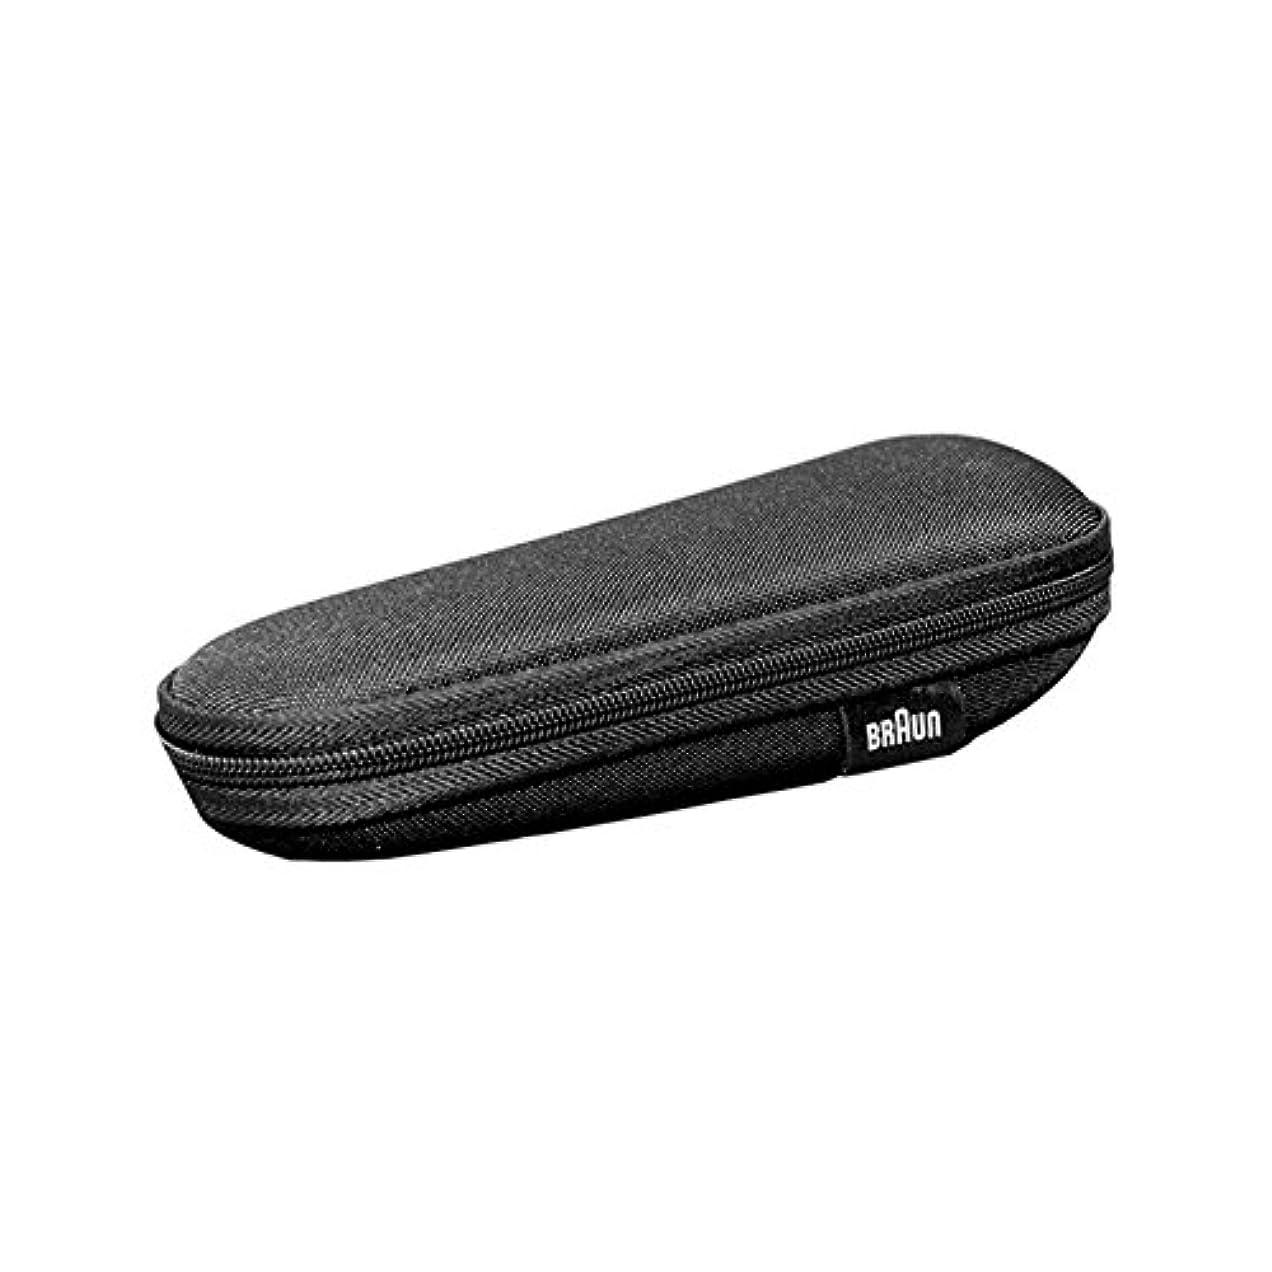 紳士変形空いているHZjundasi Travel Hard ケース Protective バッグ ポーチ For Braun Shaver 3020S 3030S 3040S 3050CC